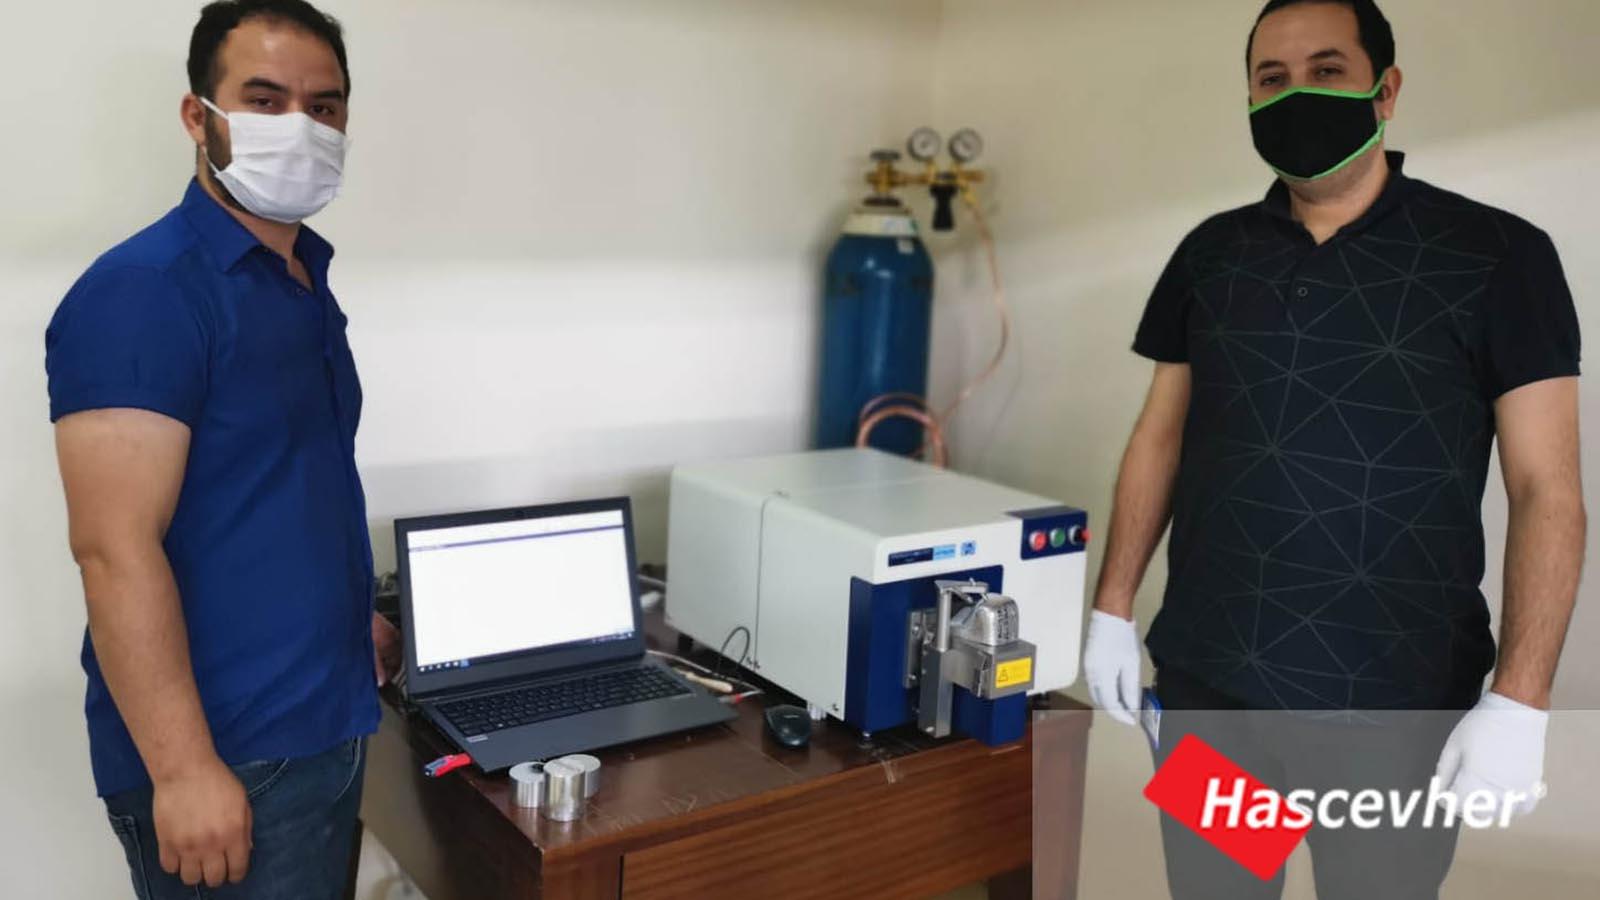 Hascevher Üretimini Hitachi Foundry Master Smart Optik Emisyon Spektrometresiyle Yapmaya Başladı!